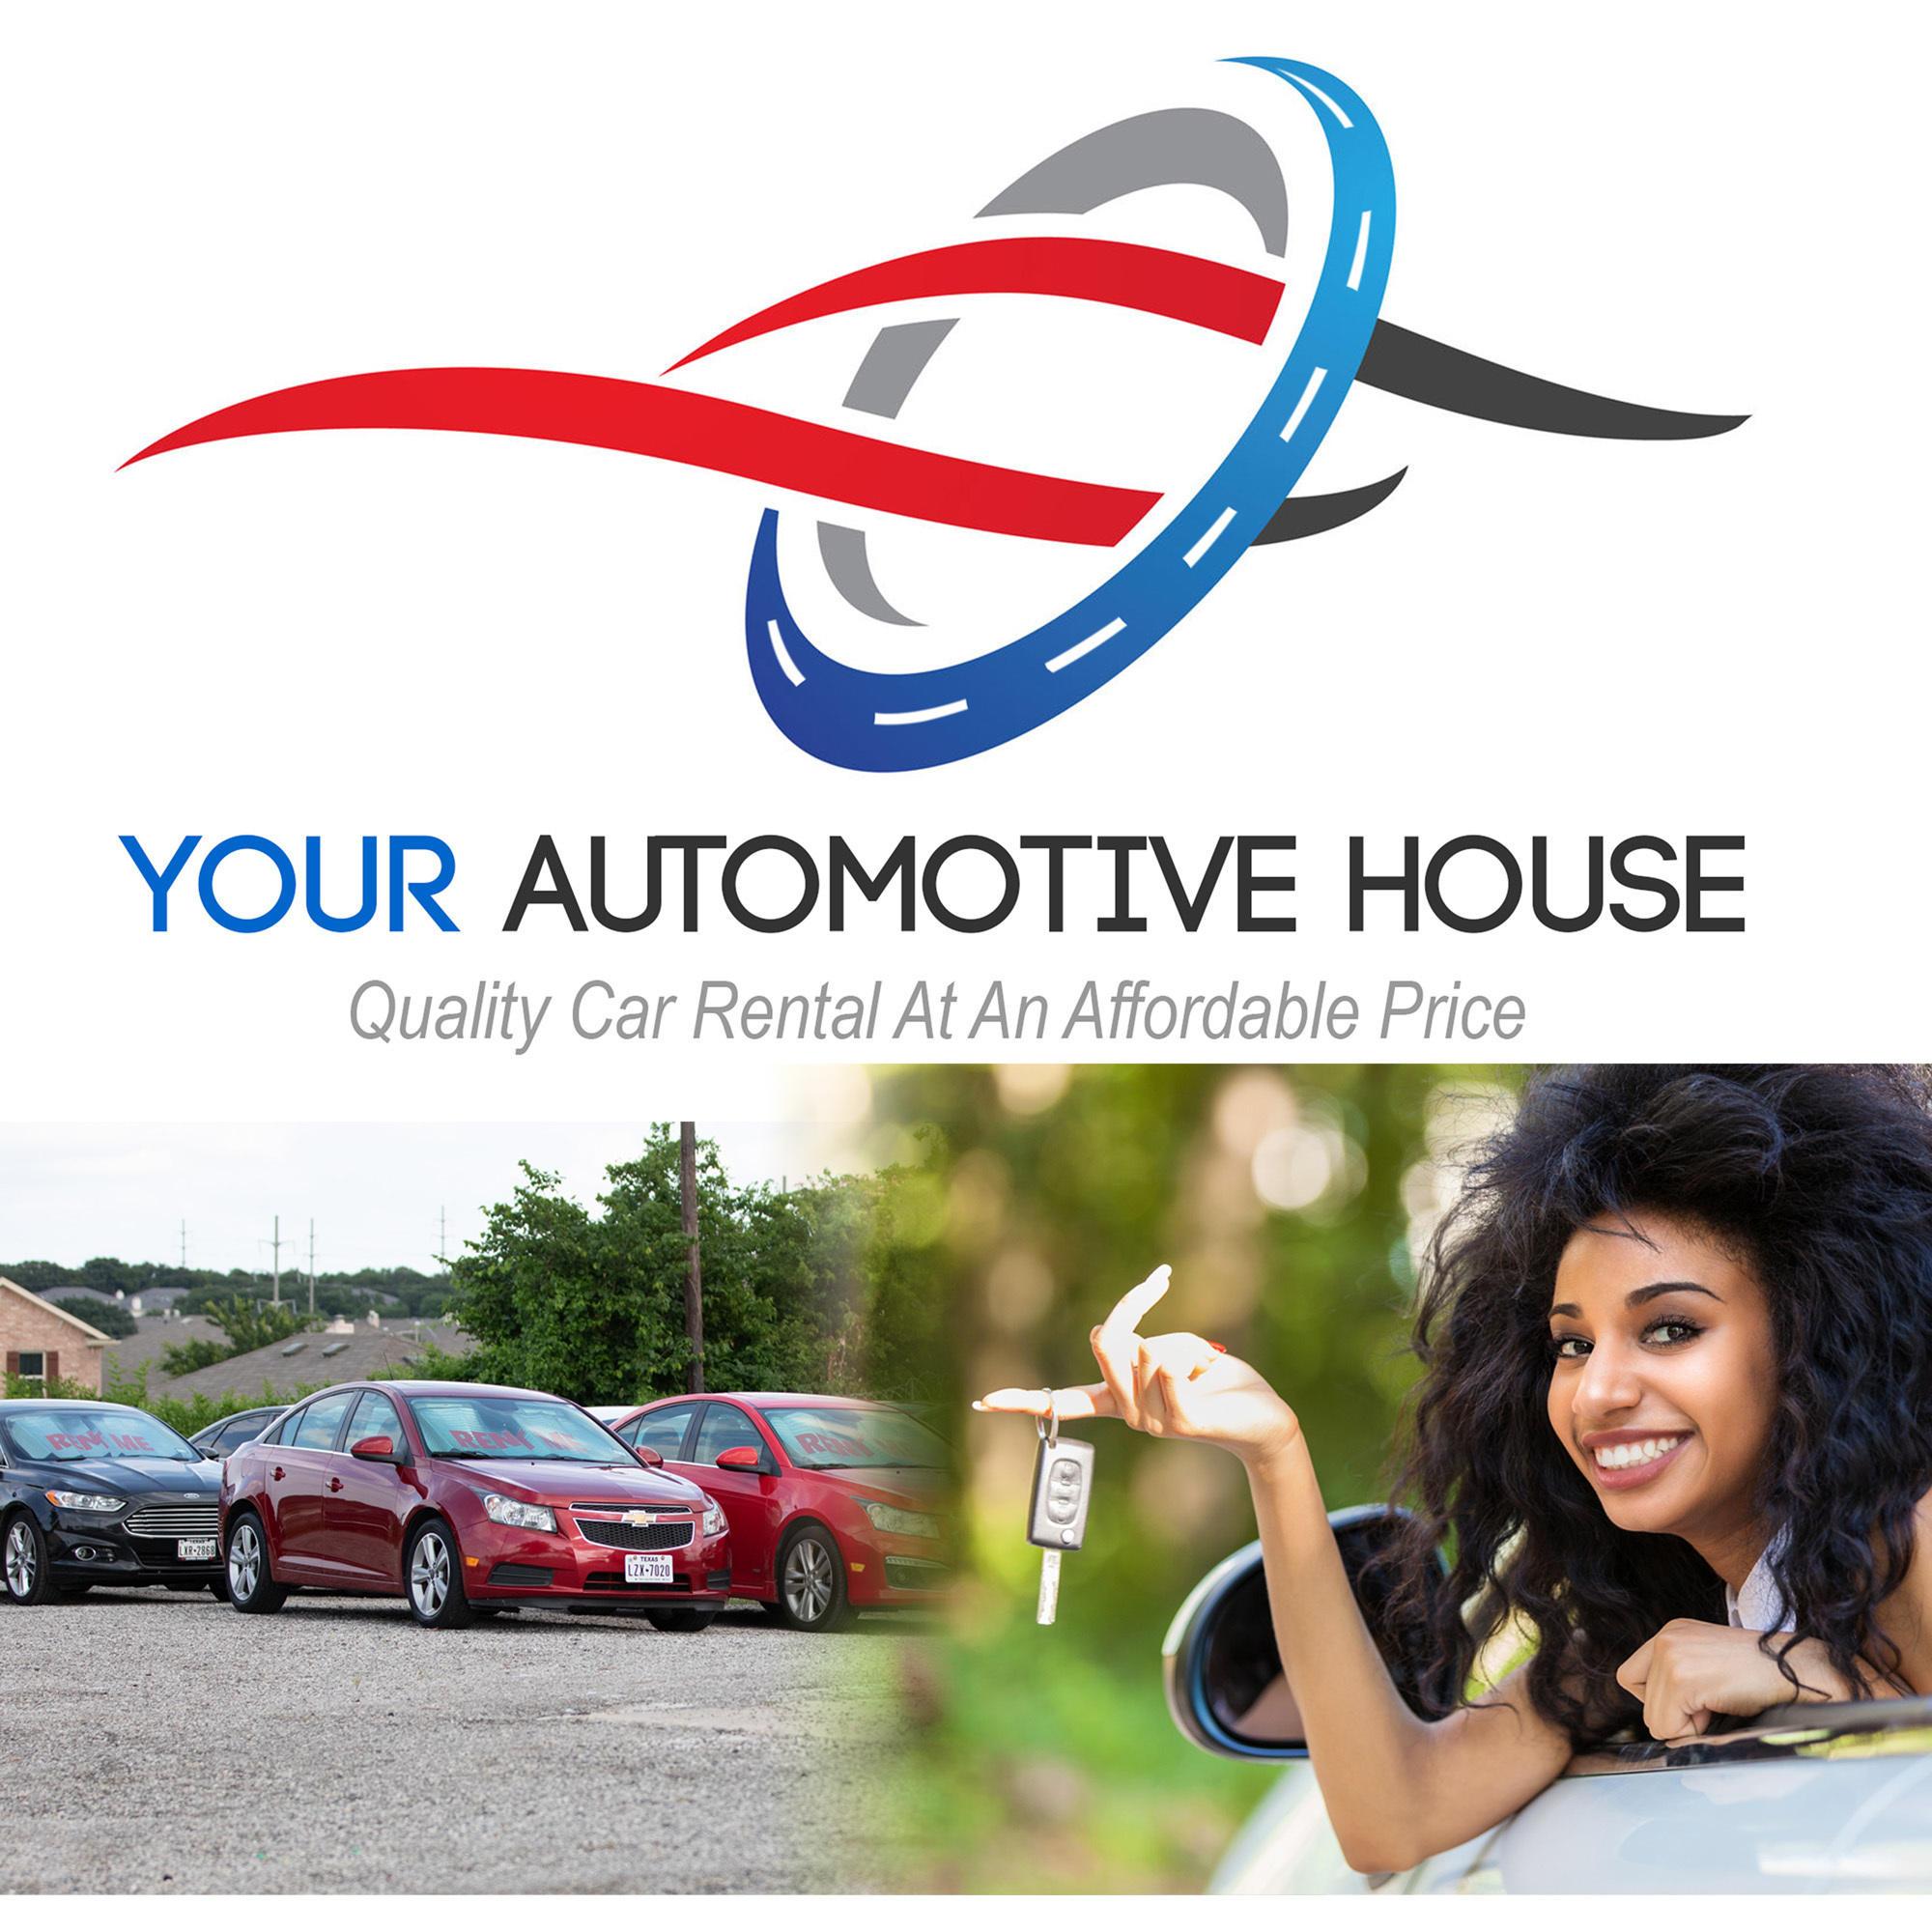 Your Automotive House